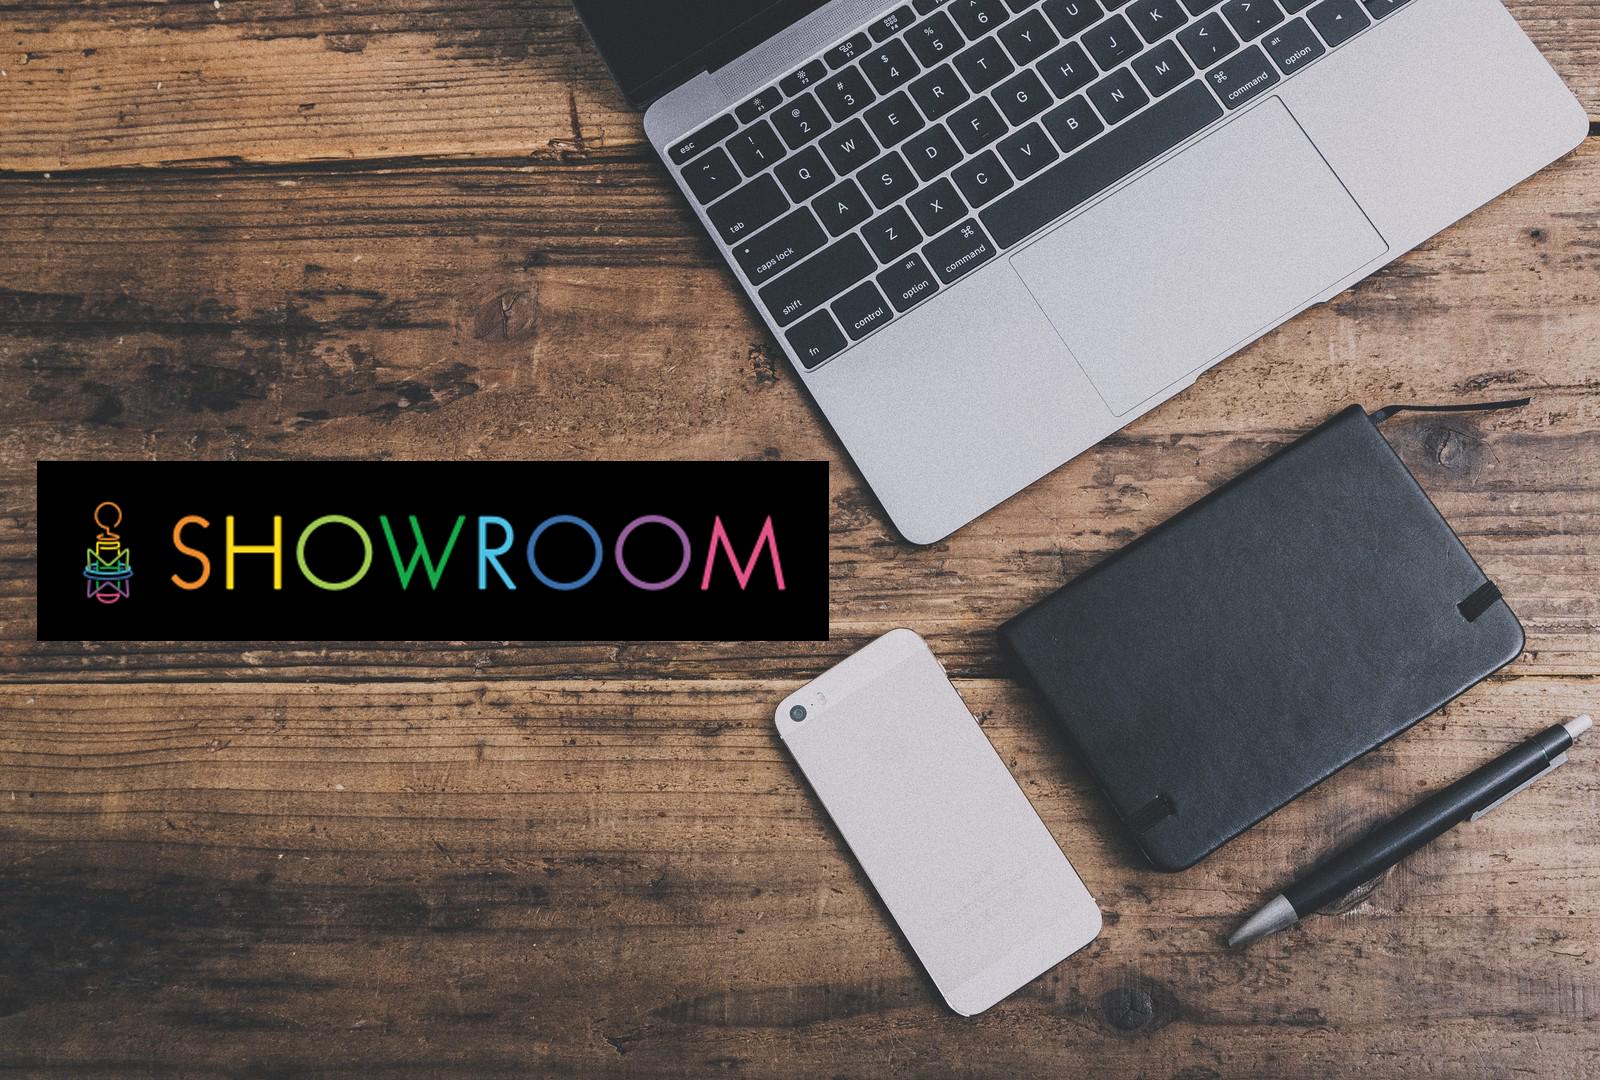 SHOWROOMとオーガナイザー契約のご報告